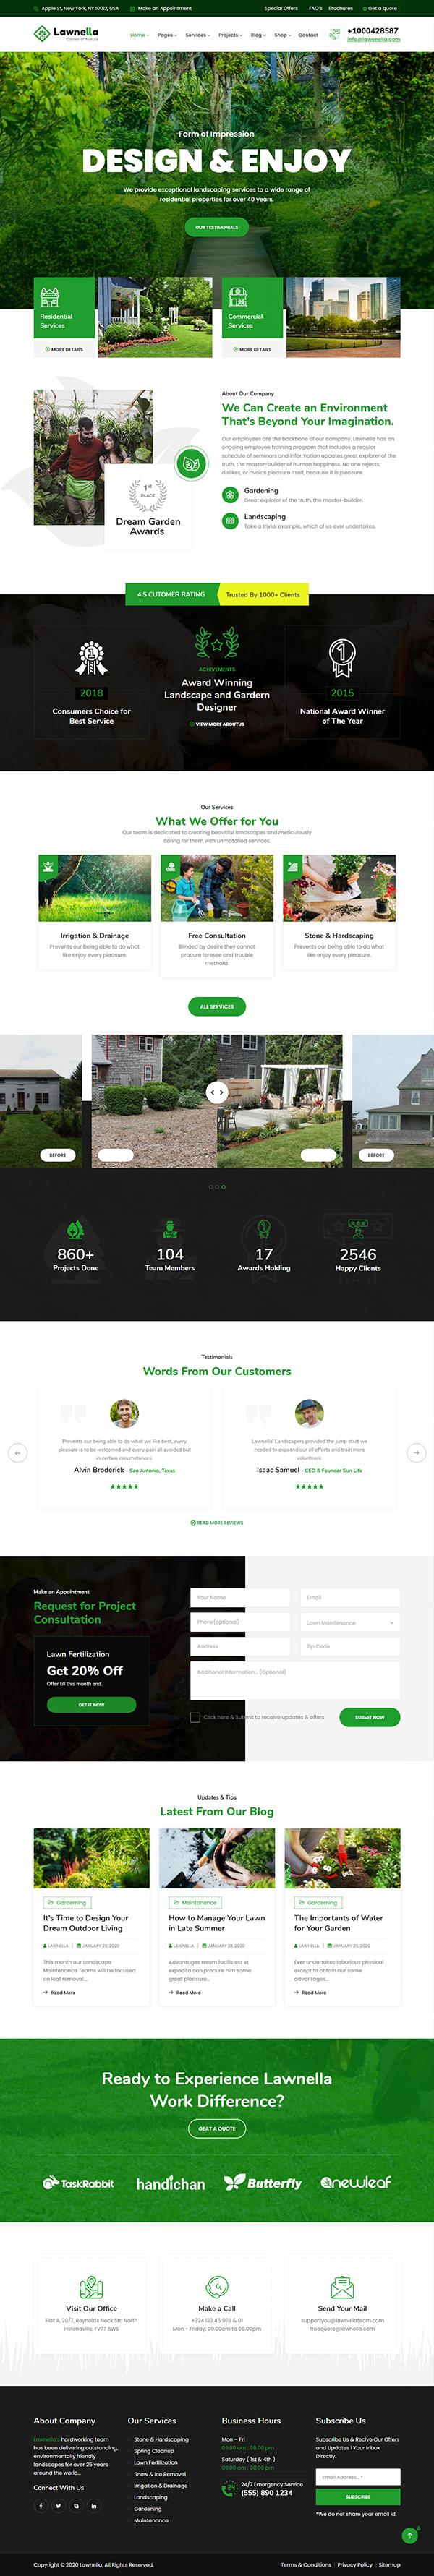 Lawnella - Gardening & Landscaping WordPress Theme